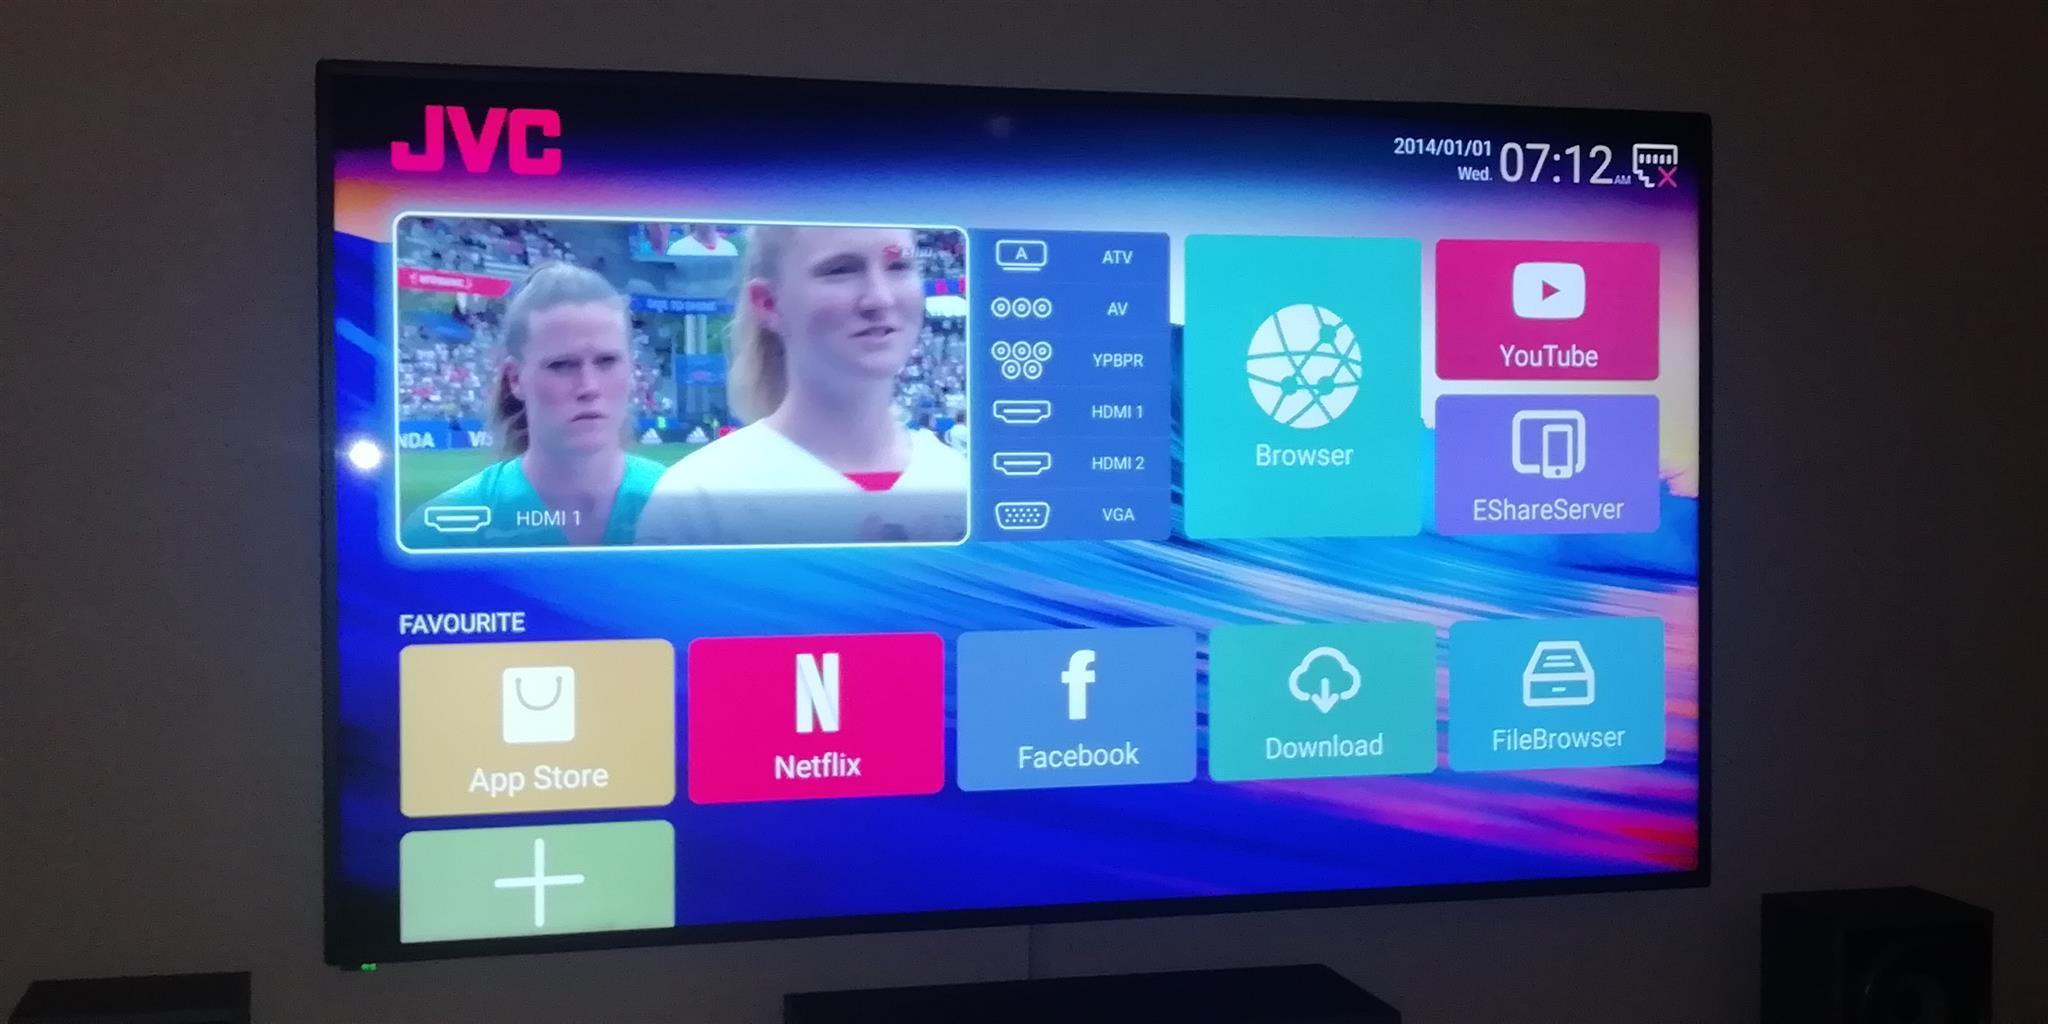 JVC 58 Inch uhd 4K Smart TV | Junk Mail